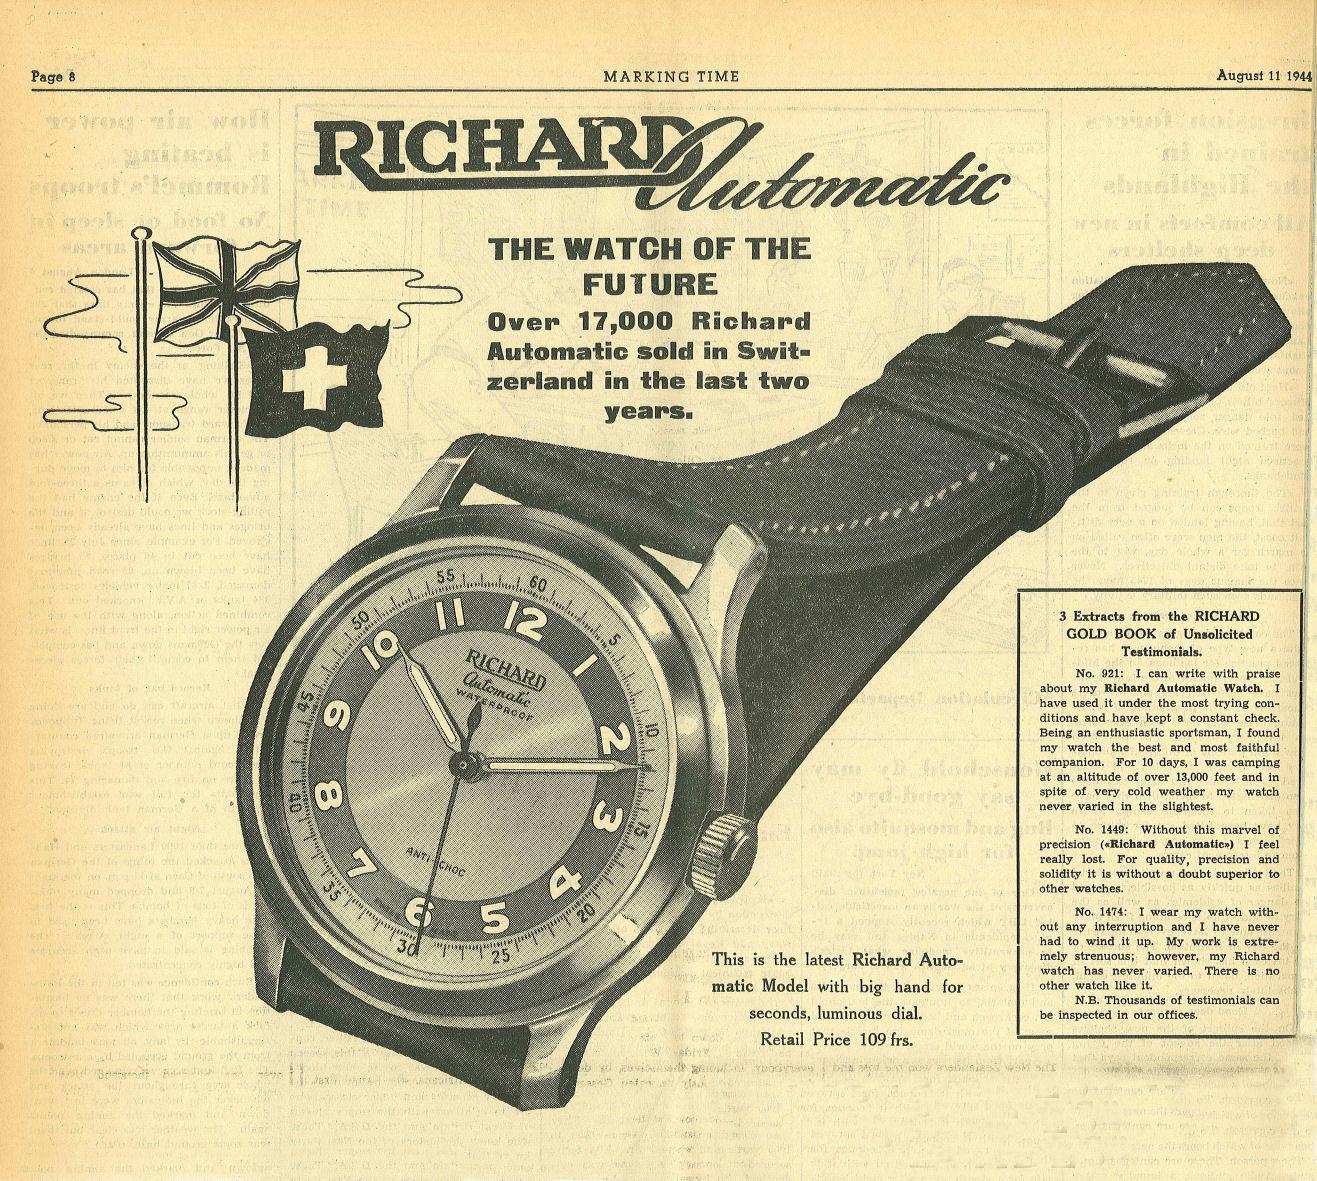 Richard Automatic